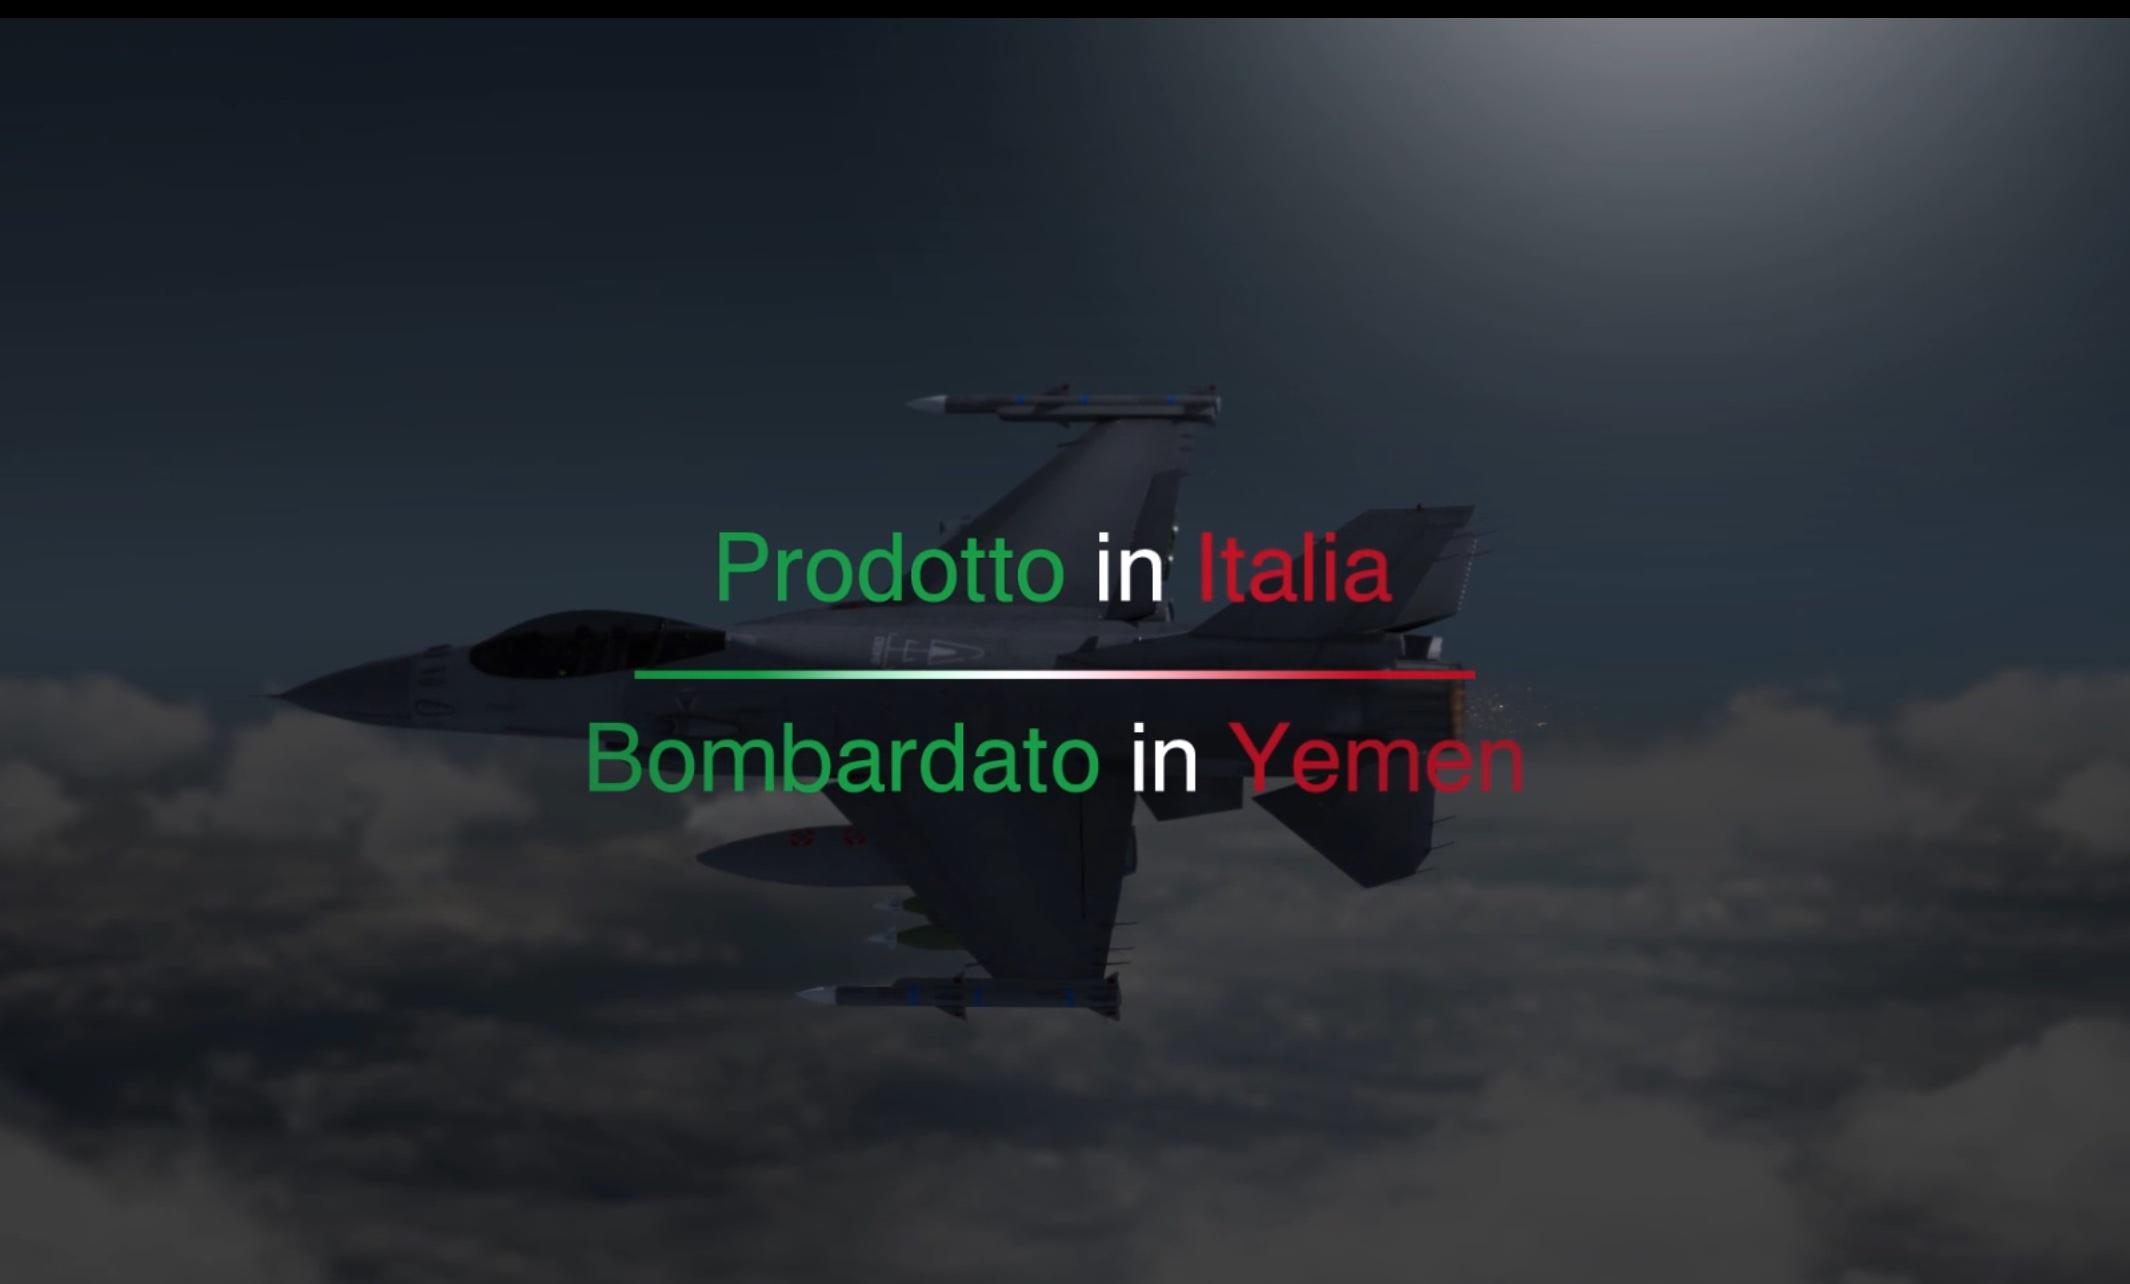 """""""Prodotto in Italia, bombardato in Yemen"""". Le responsabilità di Governo e aziende."""